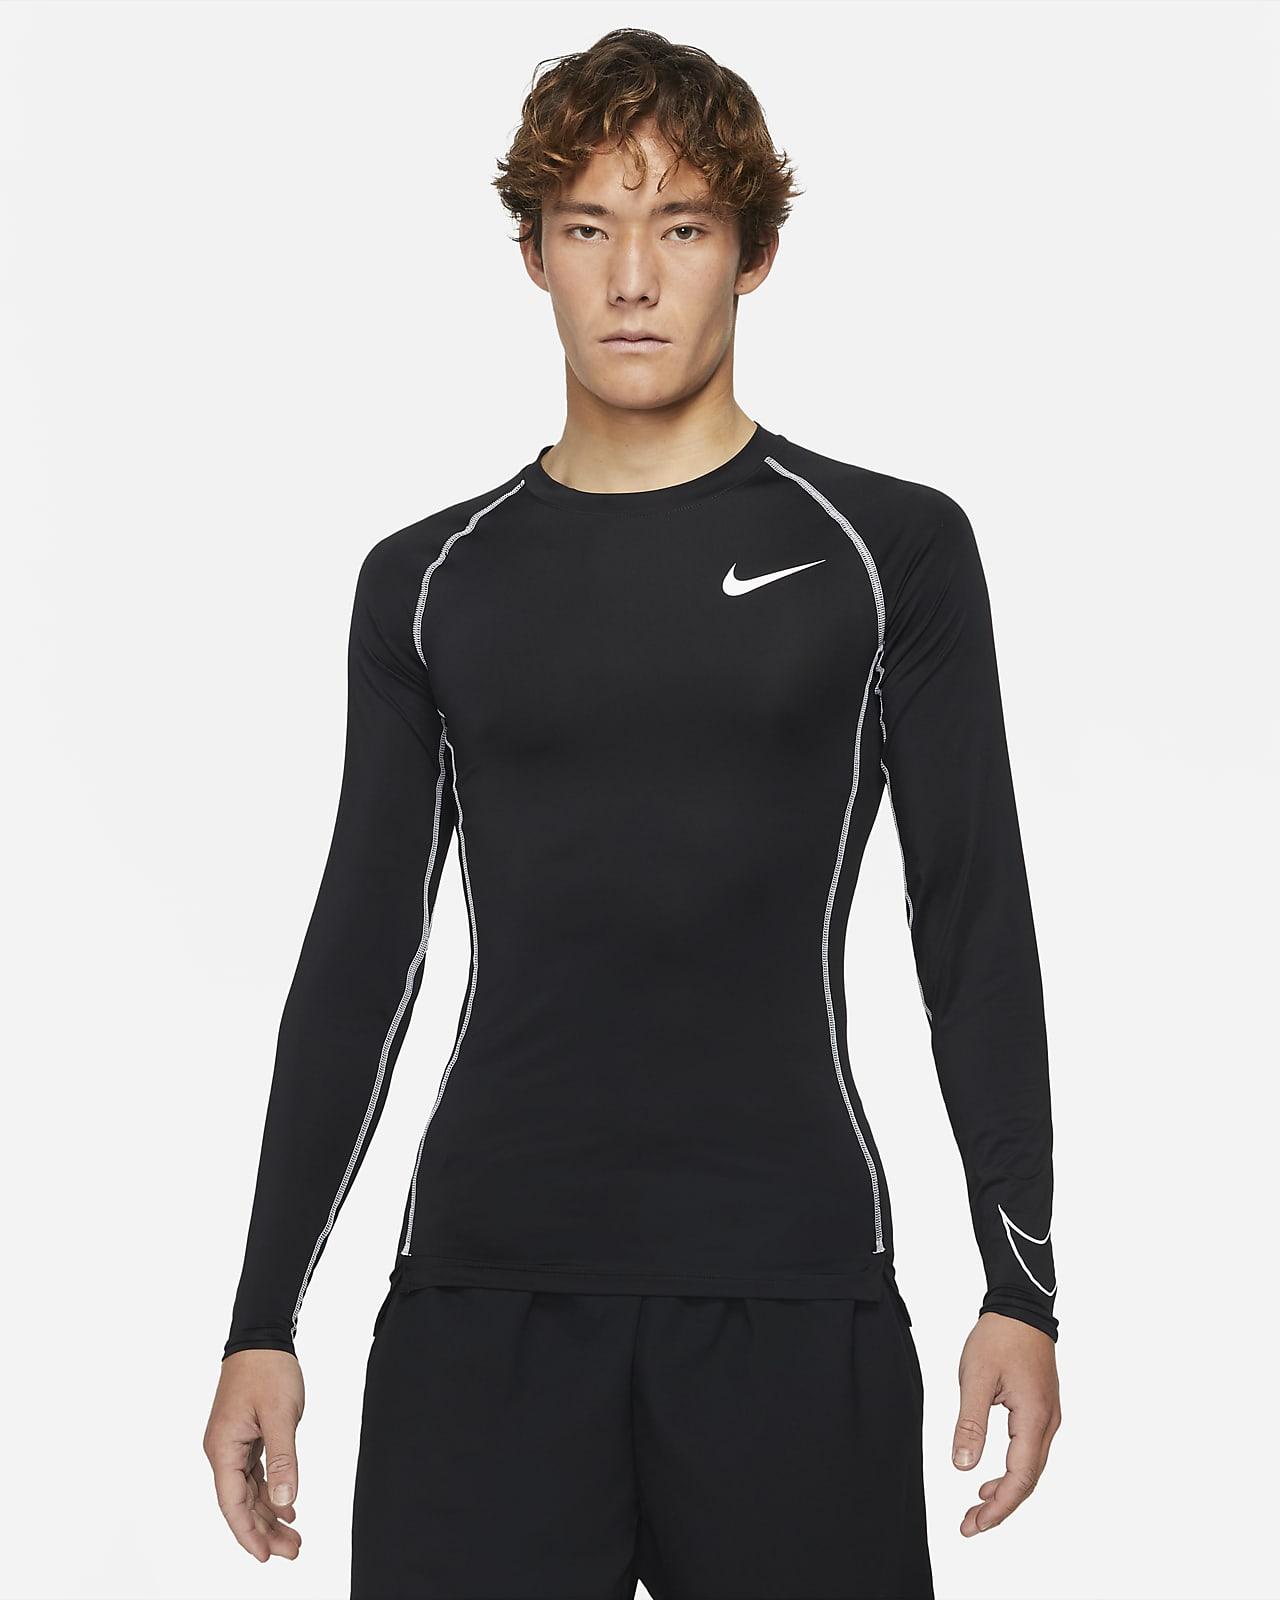 เสื้อแขนยาวผู้ชายทรงรัดรูป Nike Pro Dri-FIT